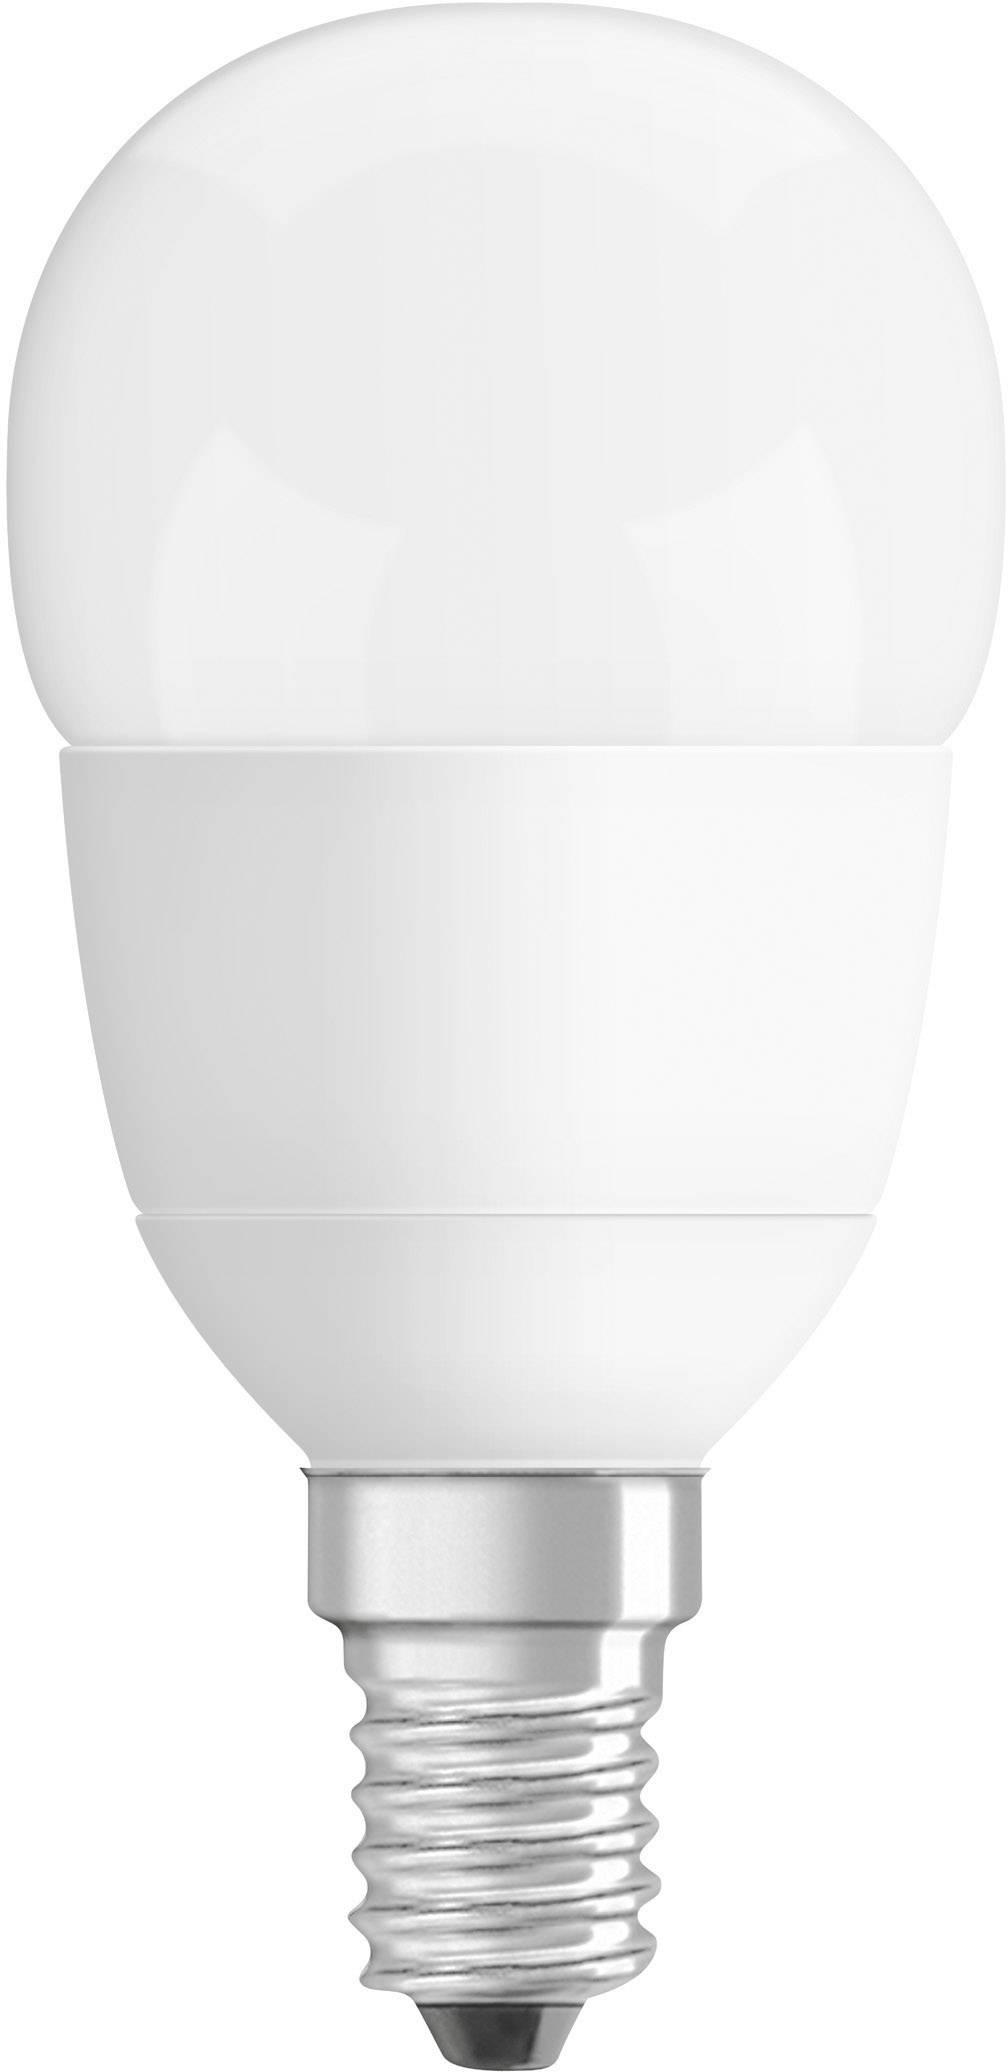 LED žiarovka OSRAM 4052899911932 230 V, 6 W = 40 W, teplá biela, A+, 1 ks